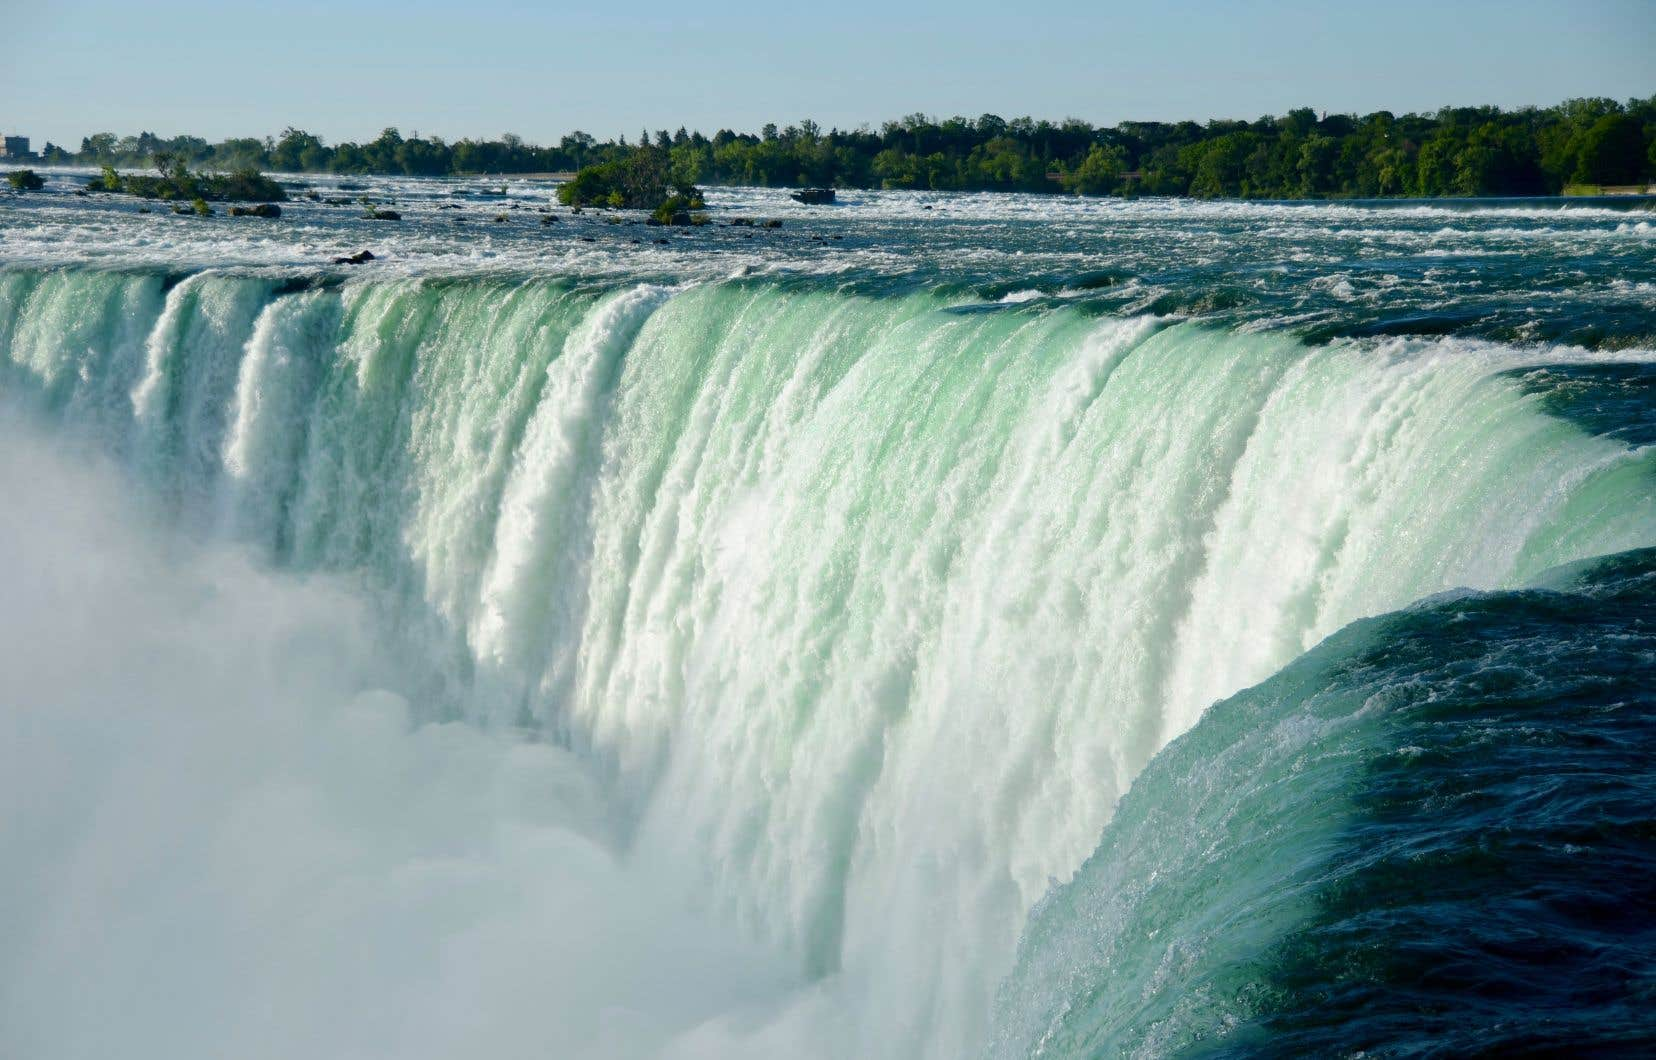 Pas de colt, ni de souris, ni de chat, mis au monde en 1940 par le duo Hanna et Barbera, dans ce récit qui prend racine aux abords des chutes du Niagara en 1902. Côté américain, on s'en doute.